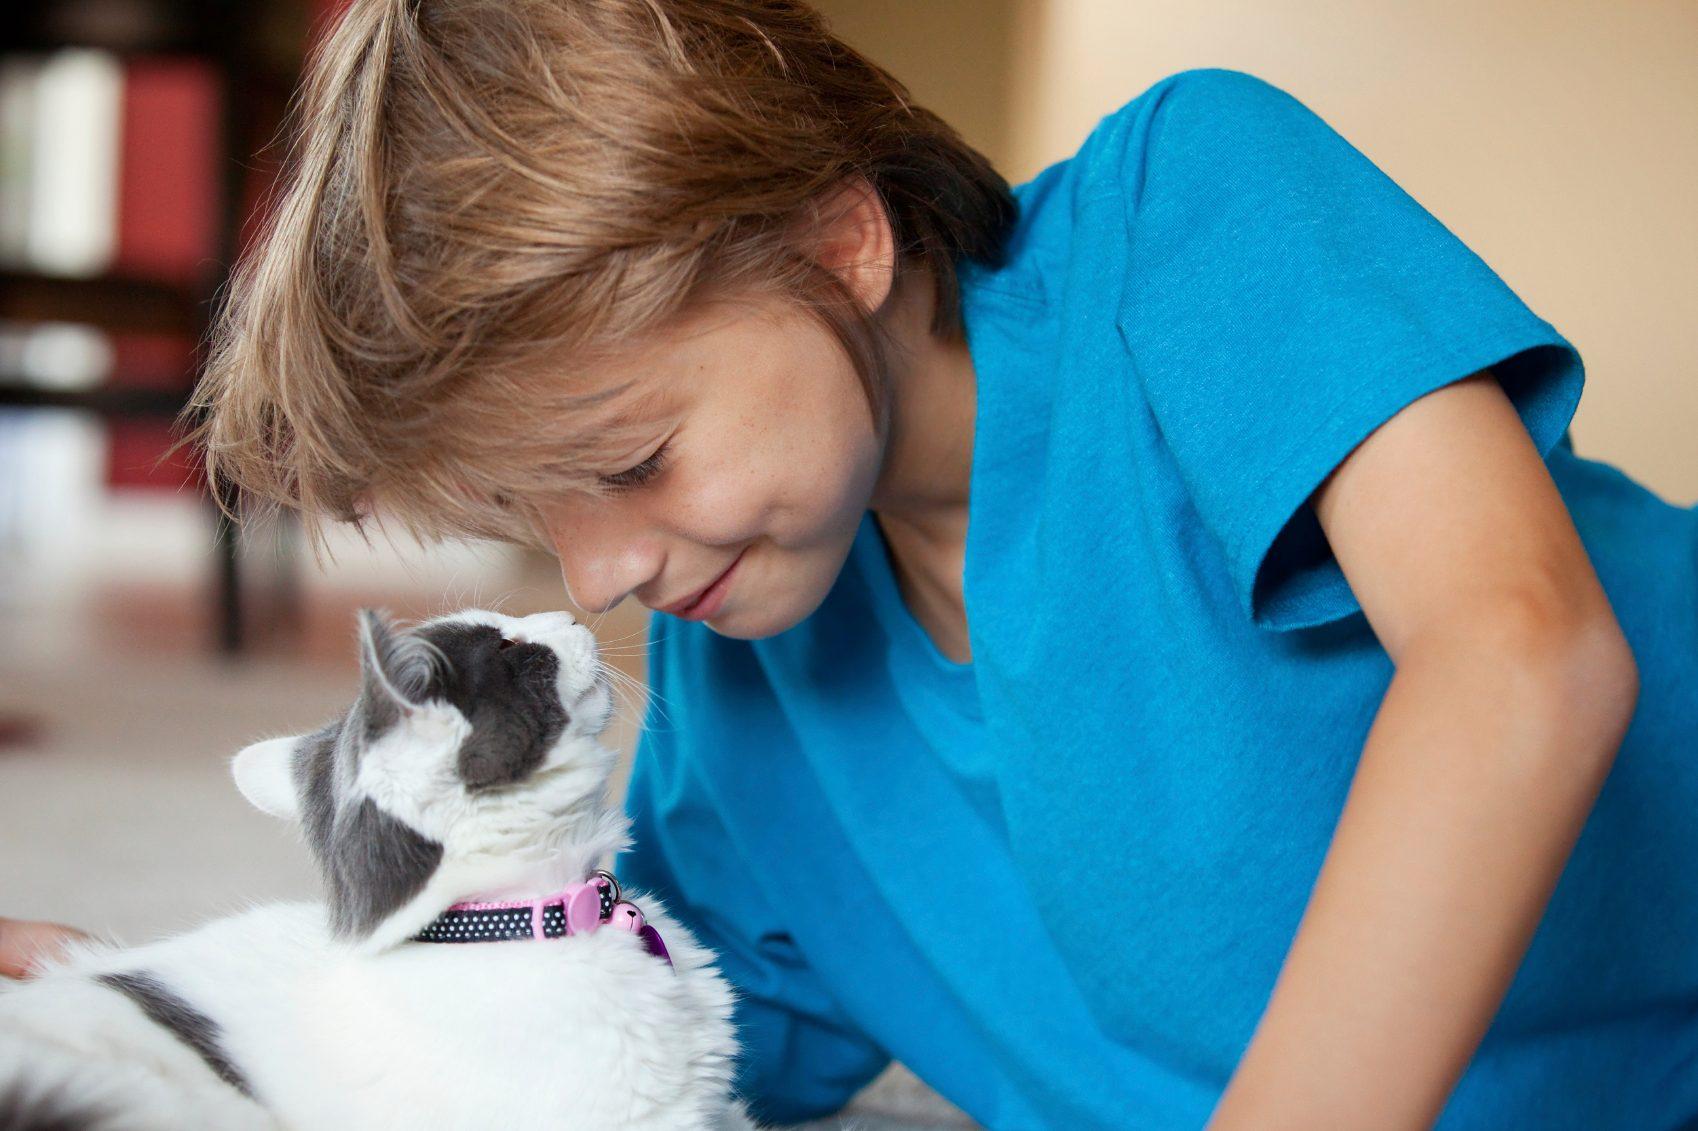 6. Les chats communiquent par l'odorat